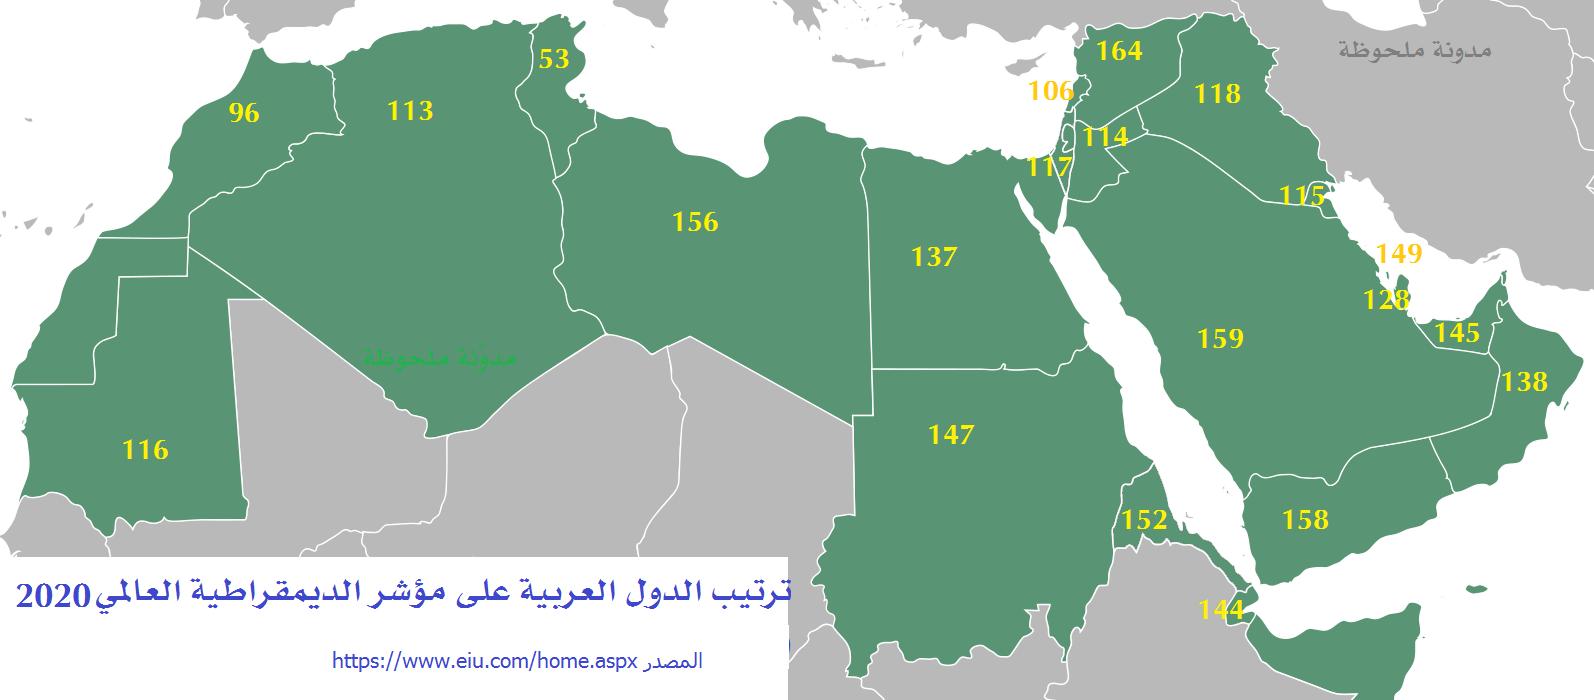 ترتيب الدول العربية في مؤشر الديمقراطية 2020